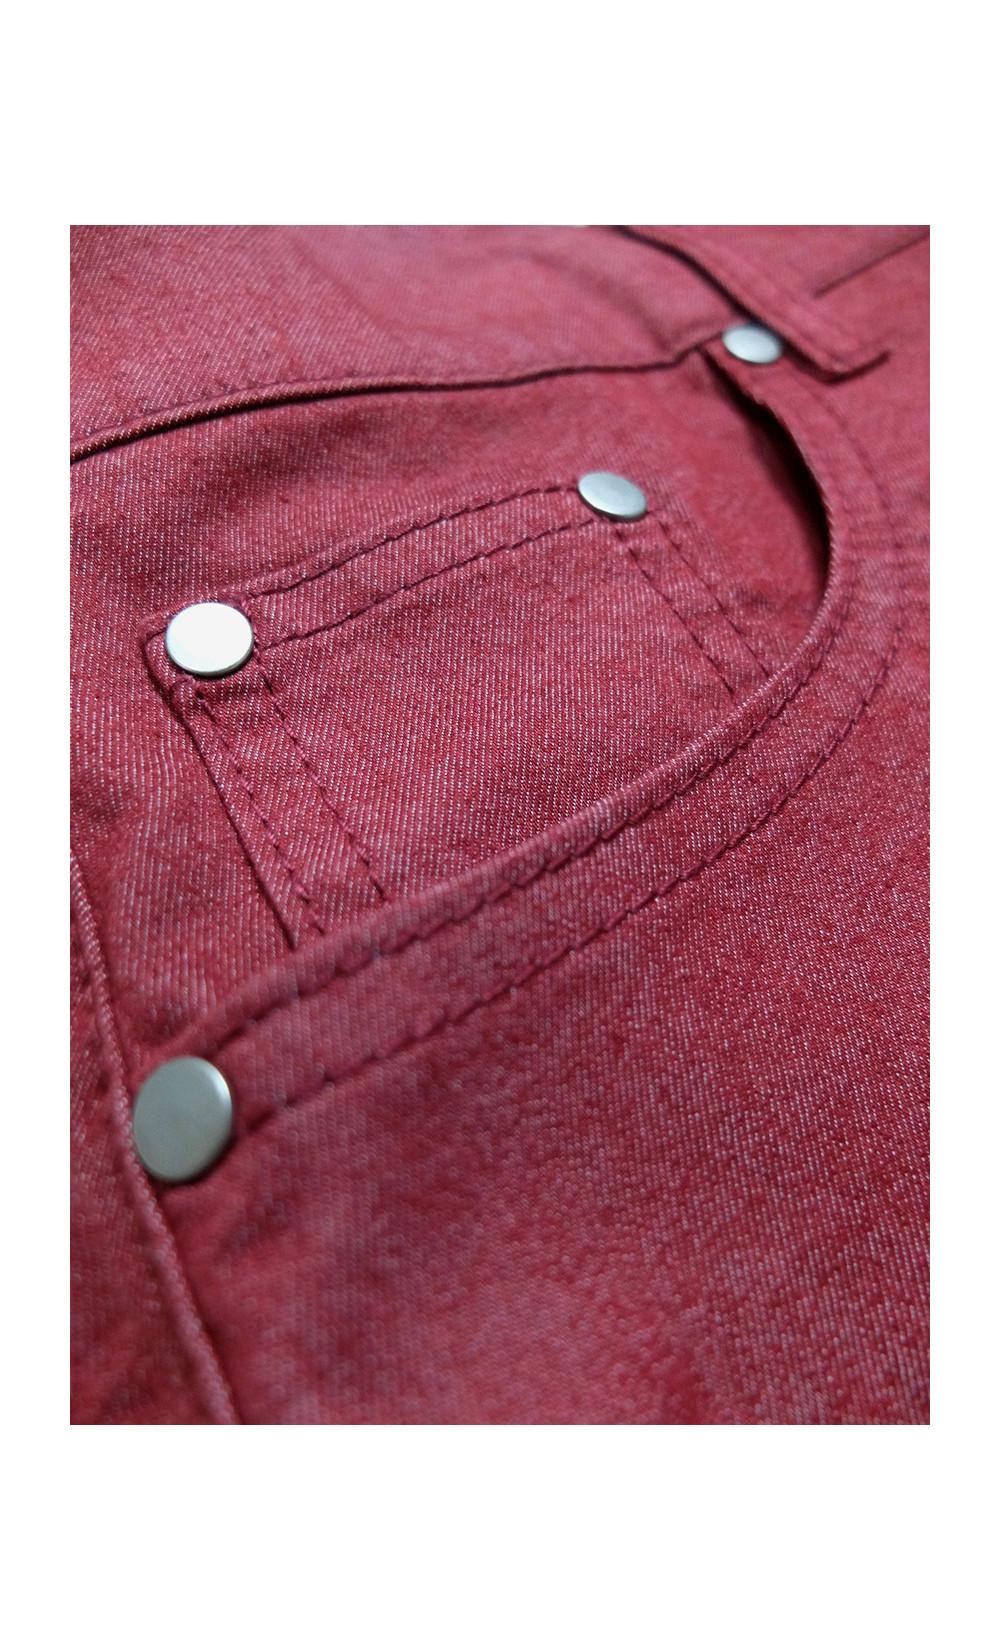 pantalon 5 poches - NANTOUX